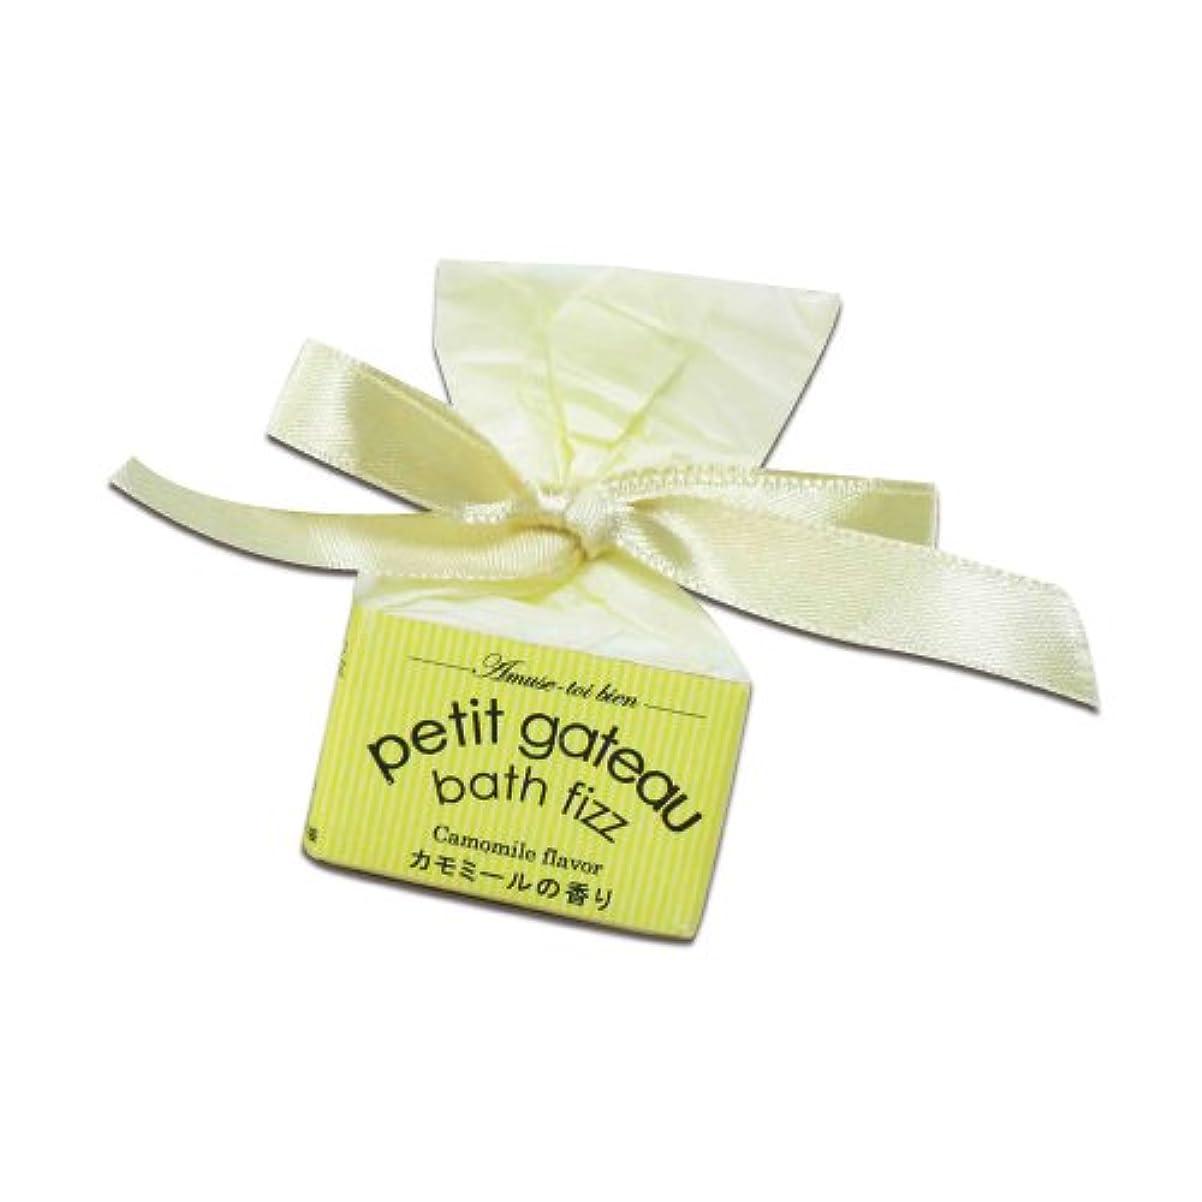 ビリーネスト銛プチガトーバスフィザー カモミールの香り 12個セット